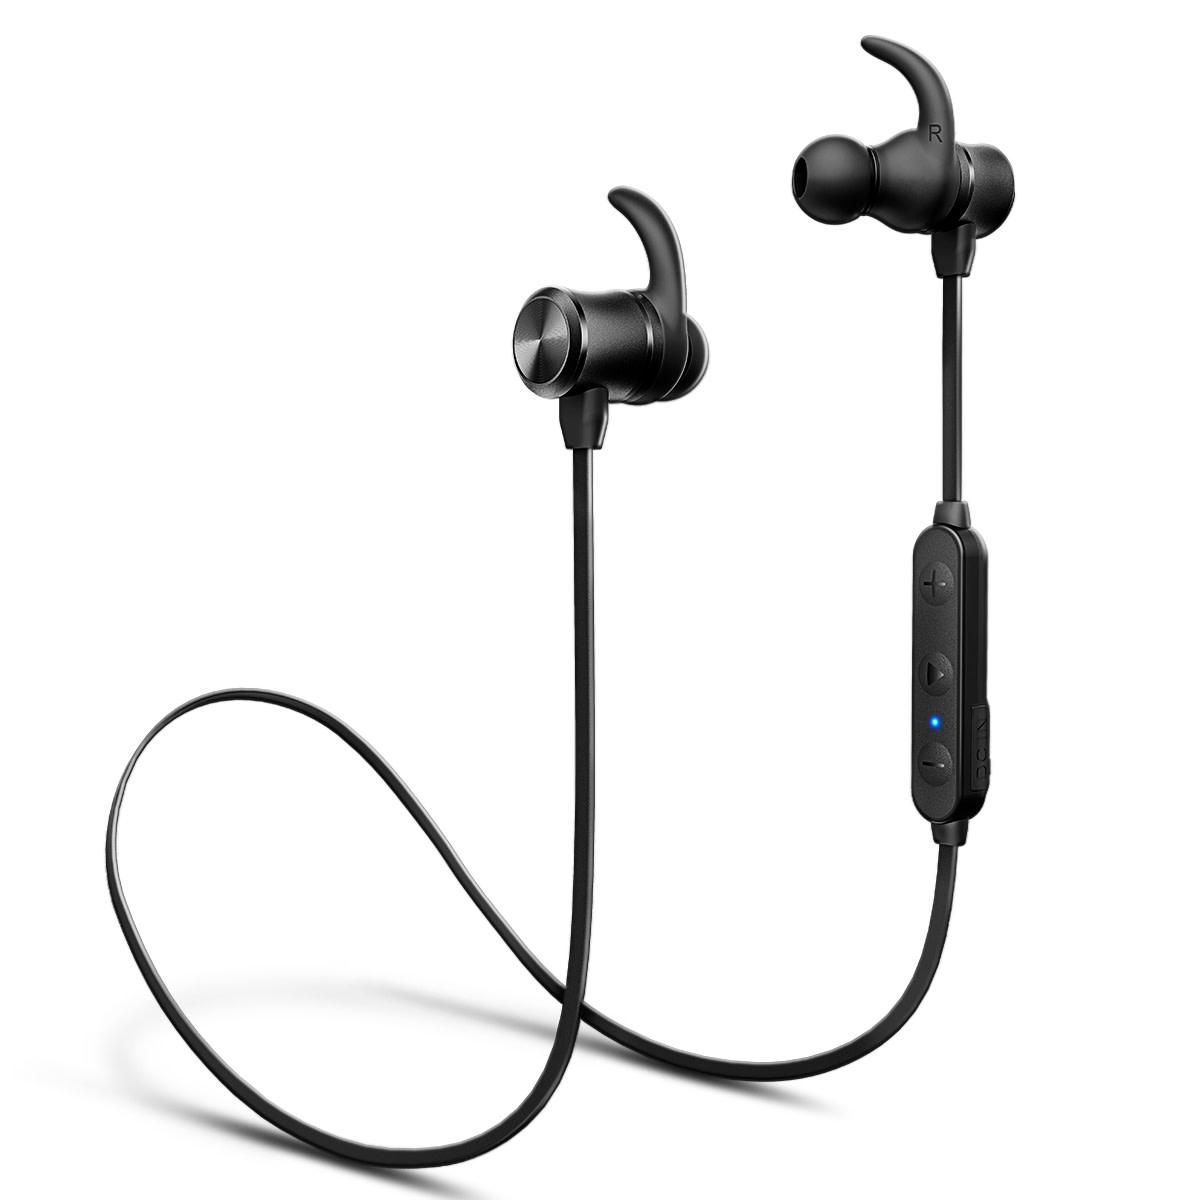 Iteknic's IK-BH001 earbuds